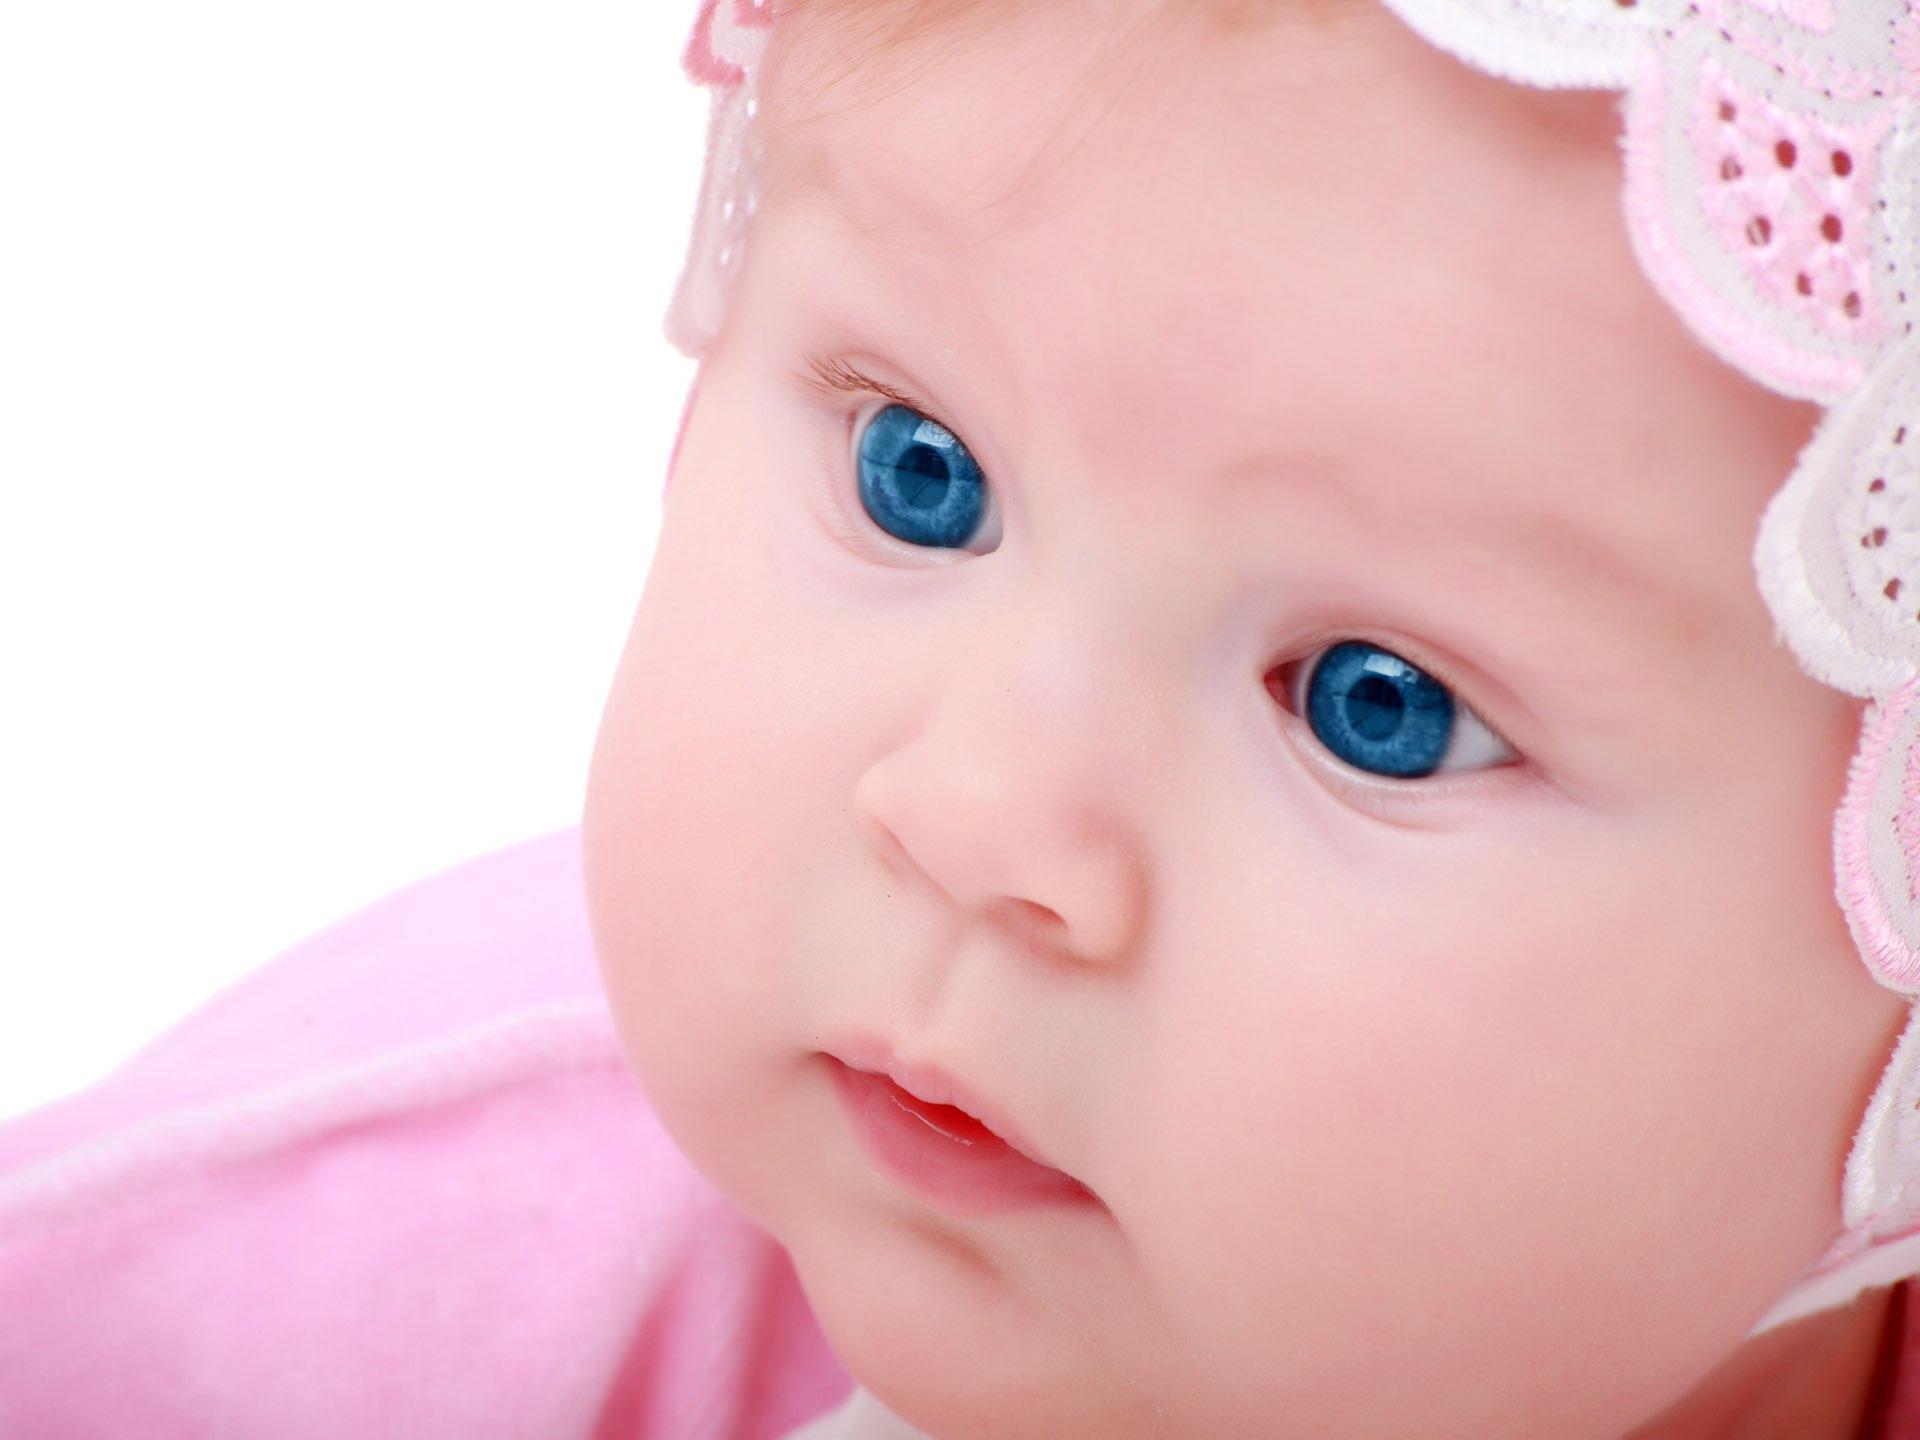 بالصور اطفال صغار , اجمل واحلى صور اطفال صغيرة 1012